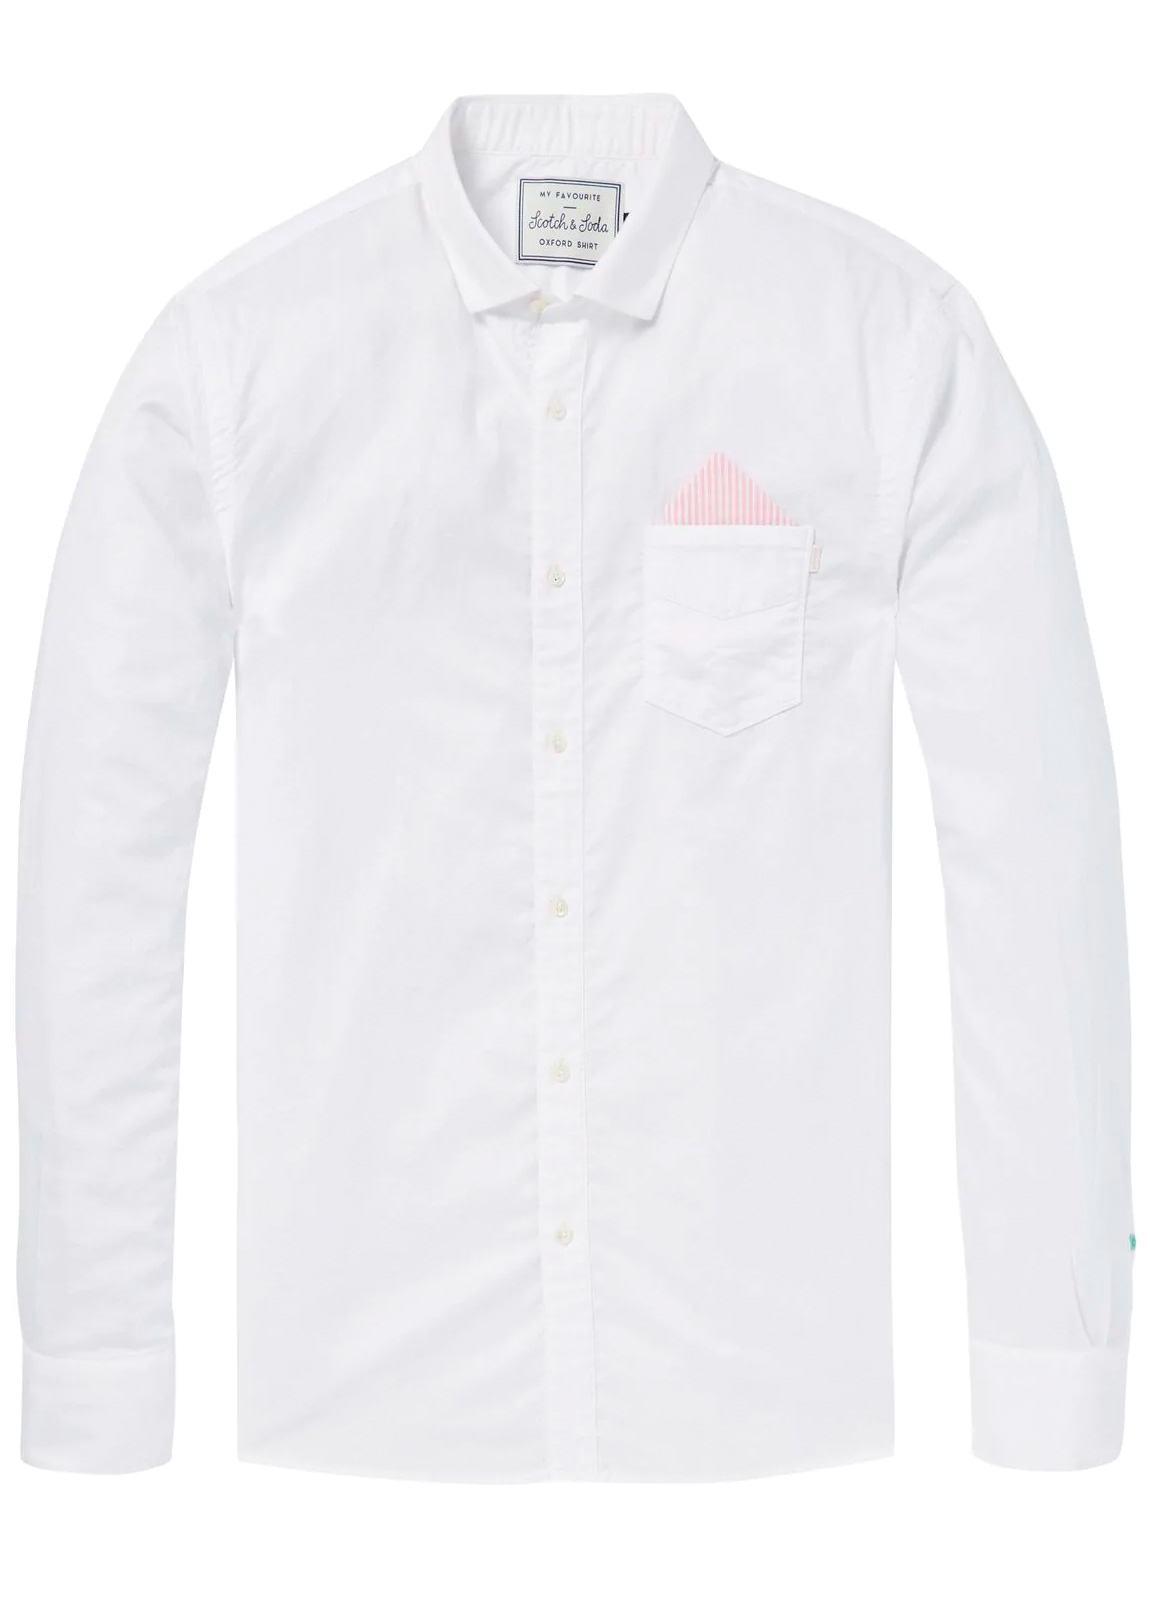 Camisa REGULAR FIT, cuello clasico, bolsillo pecho con pañuelo. Tejido oxford, lisa, color blanco . 100% Algodón.